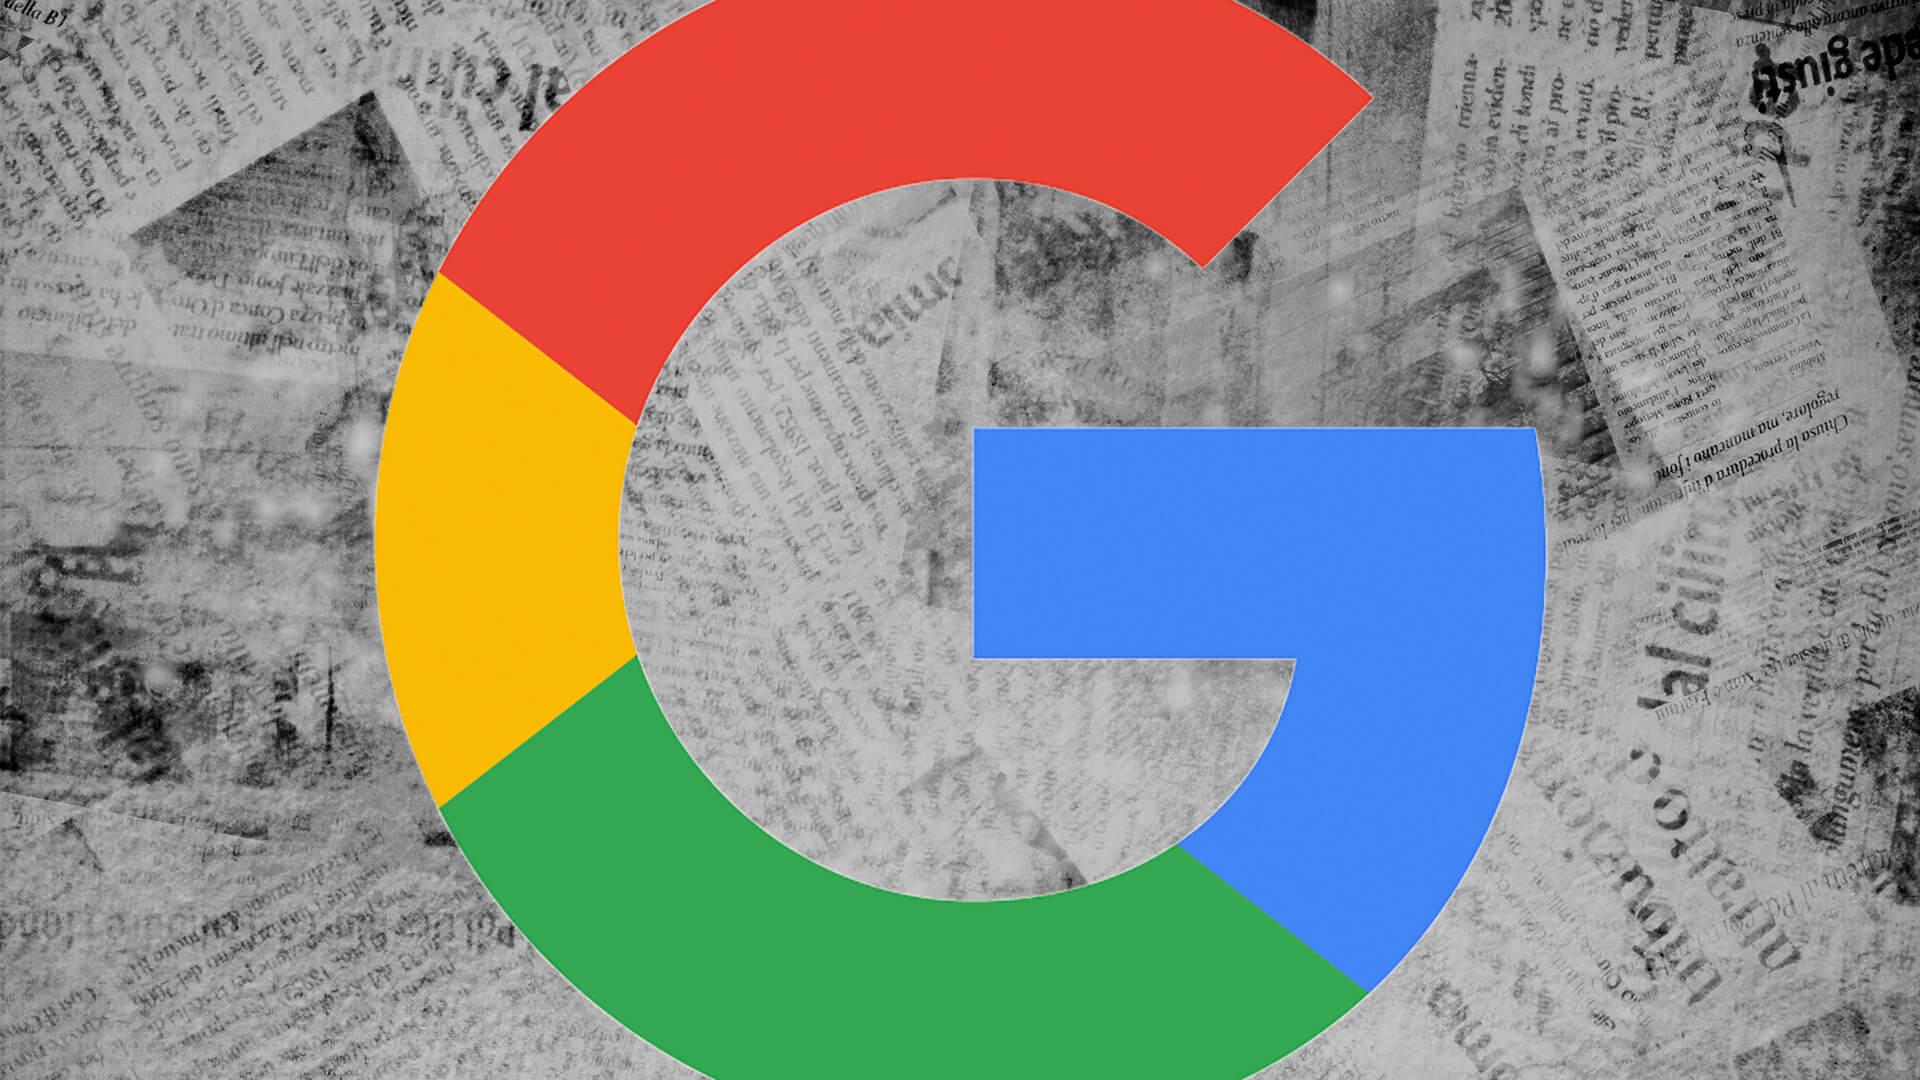 Google Bulletin: ¿Noticias hiperlocales, competidor de Nextdoor o ambos?